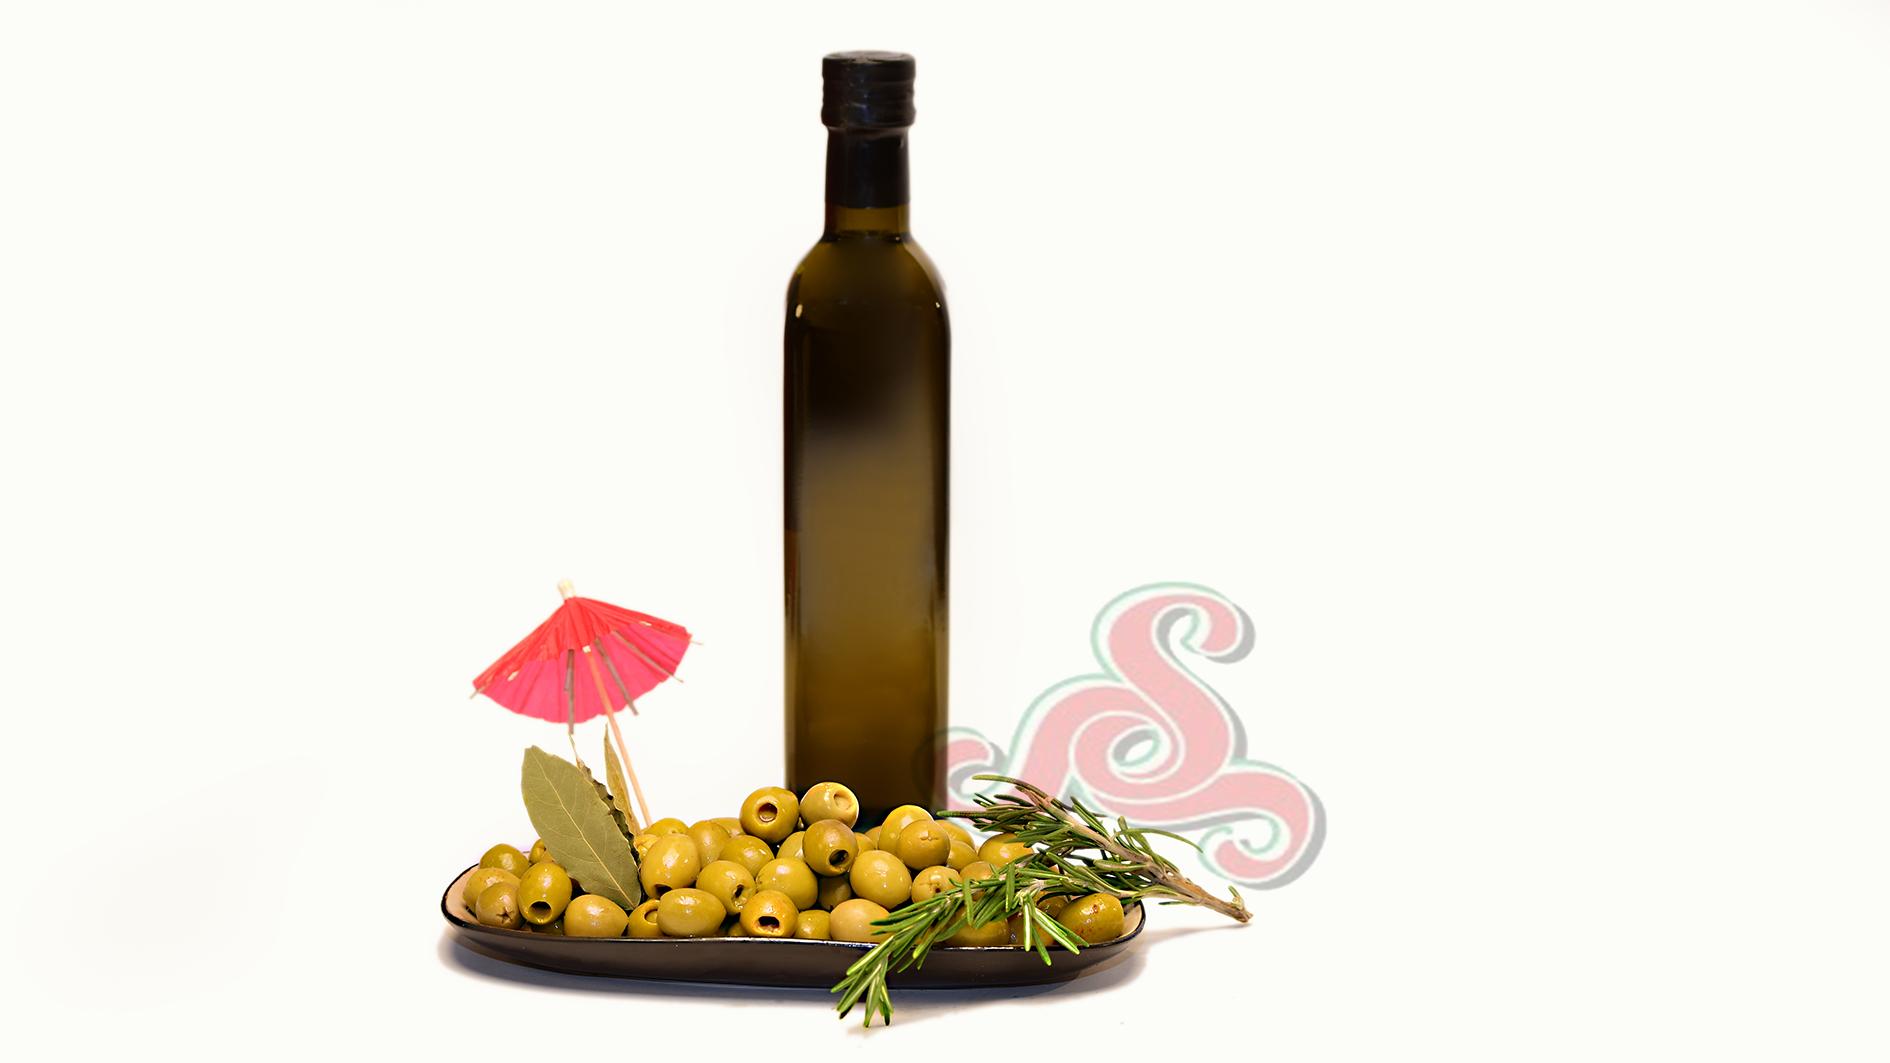 Mit Sardellen  gefüllte spanische grüne Oliven